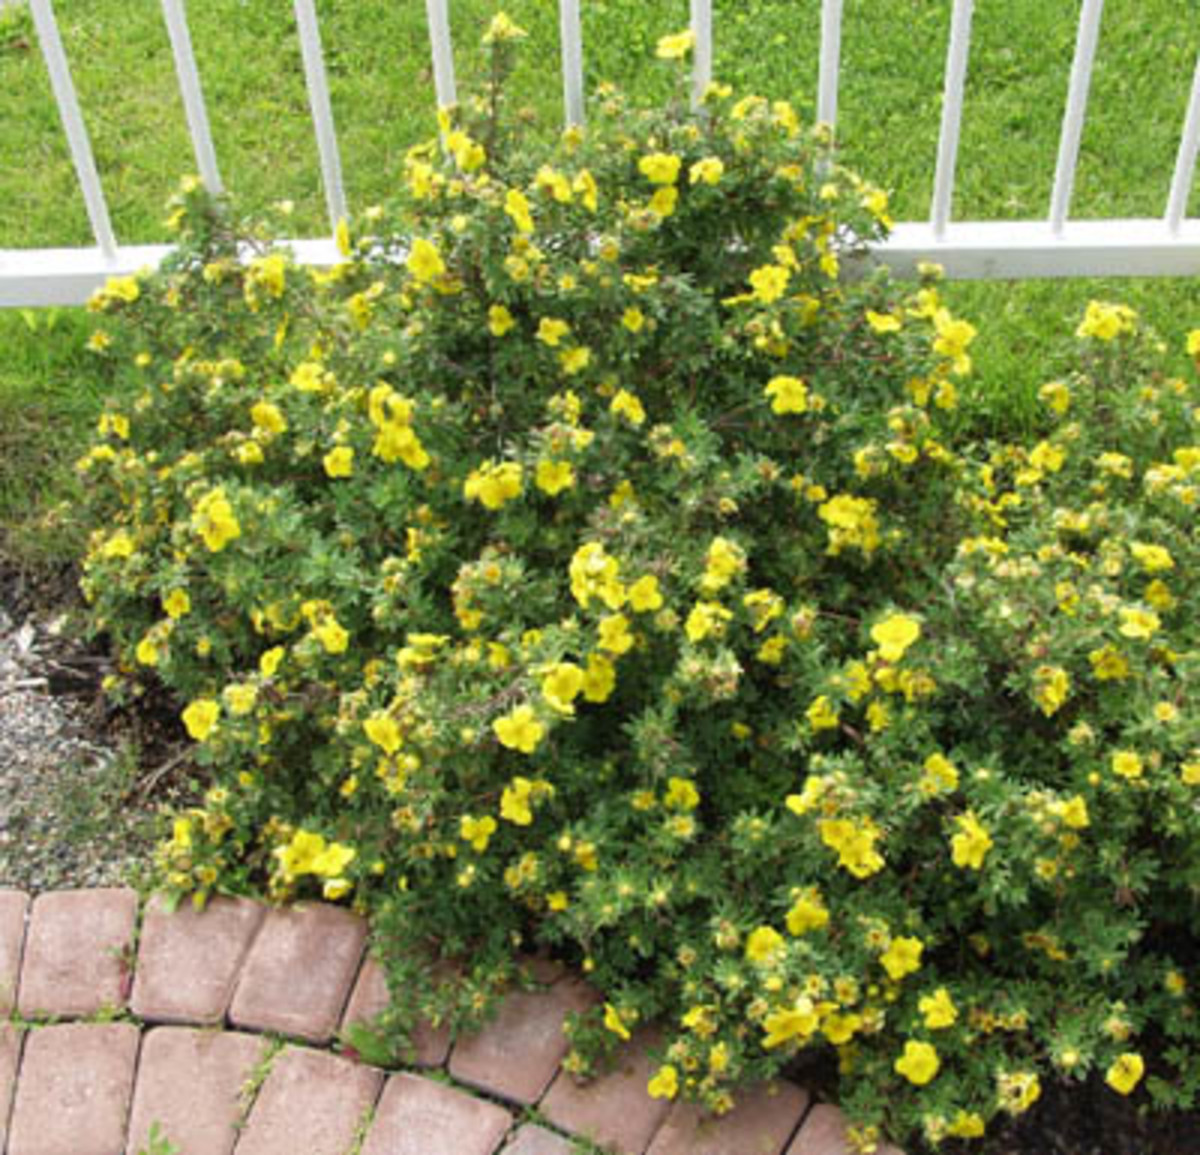 Potentilla Shrub in full bloom